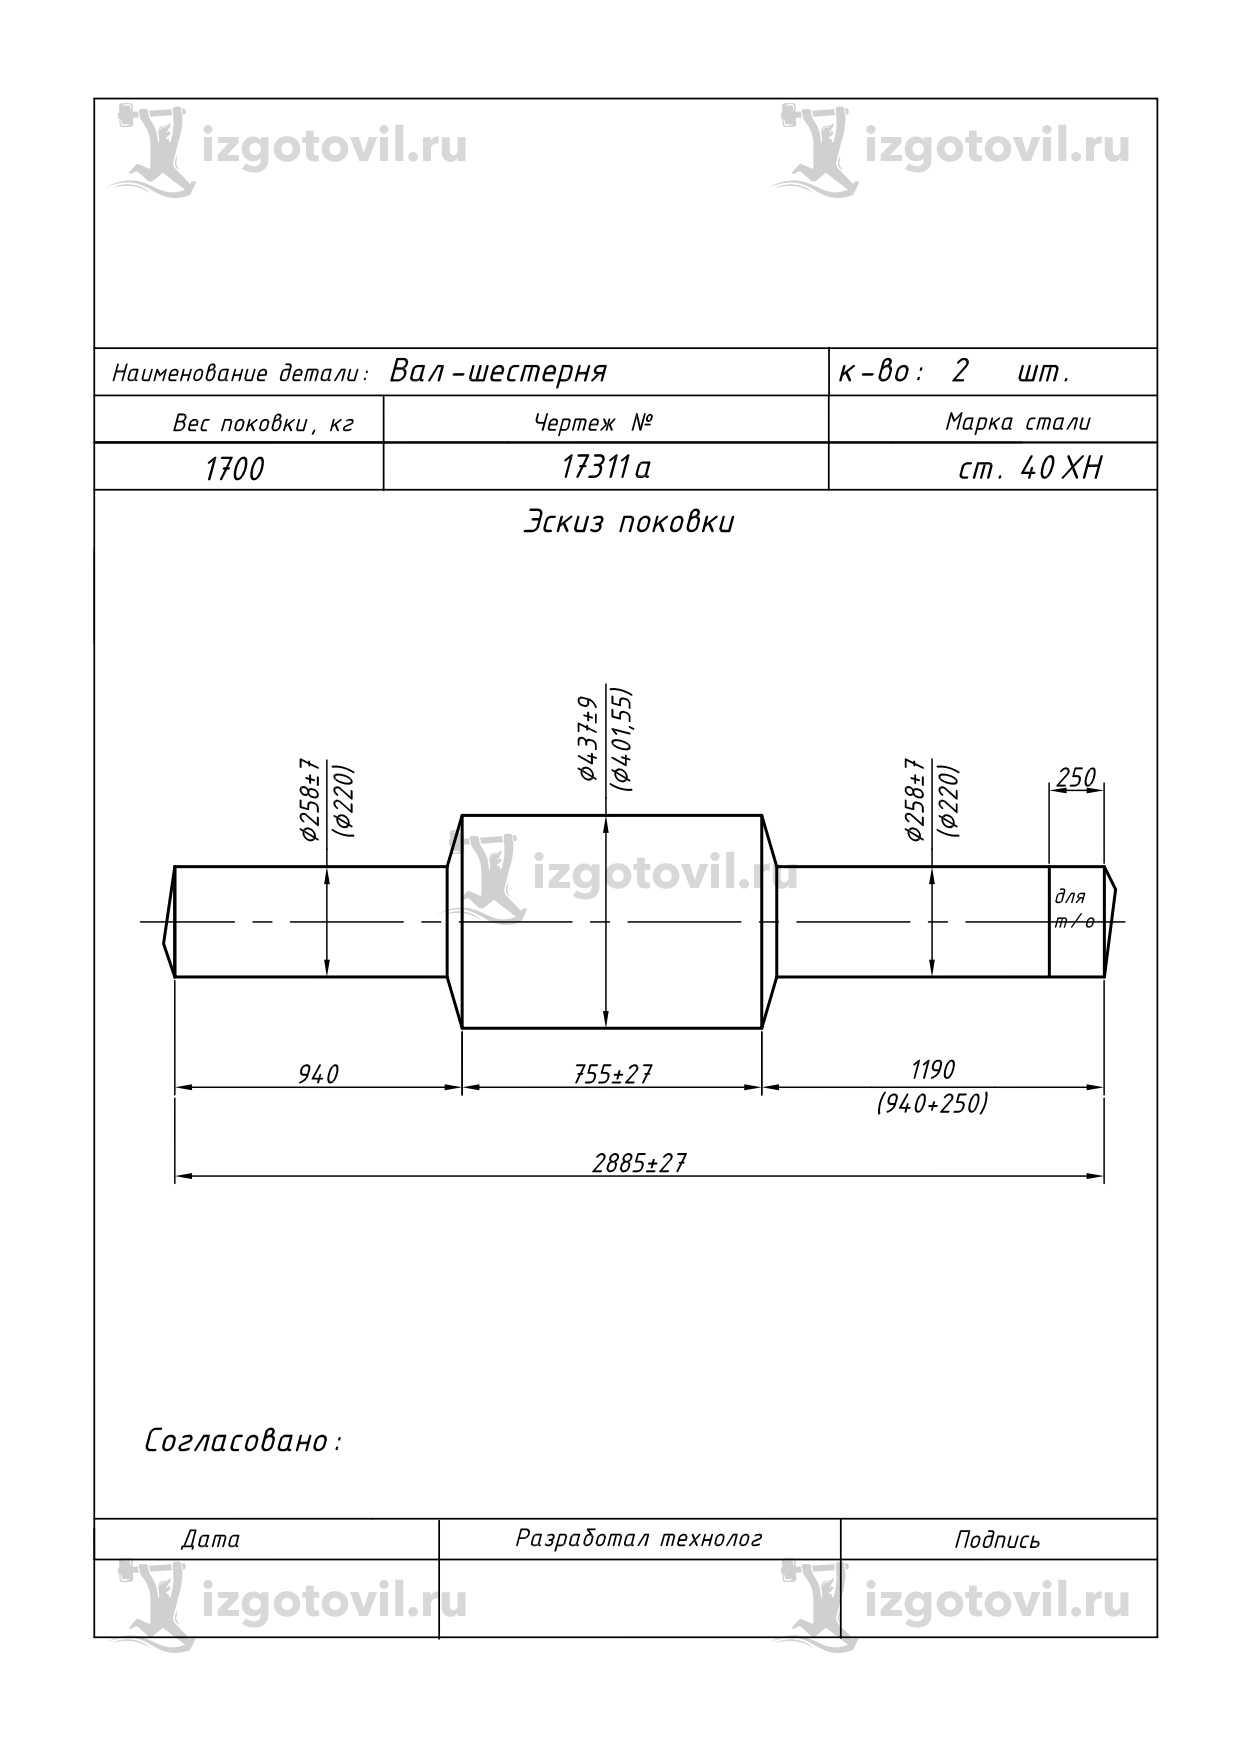 Изготовление цилиндрических деталей (вал-шестерня)